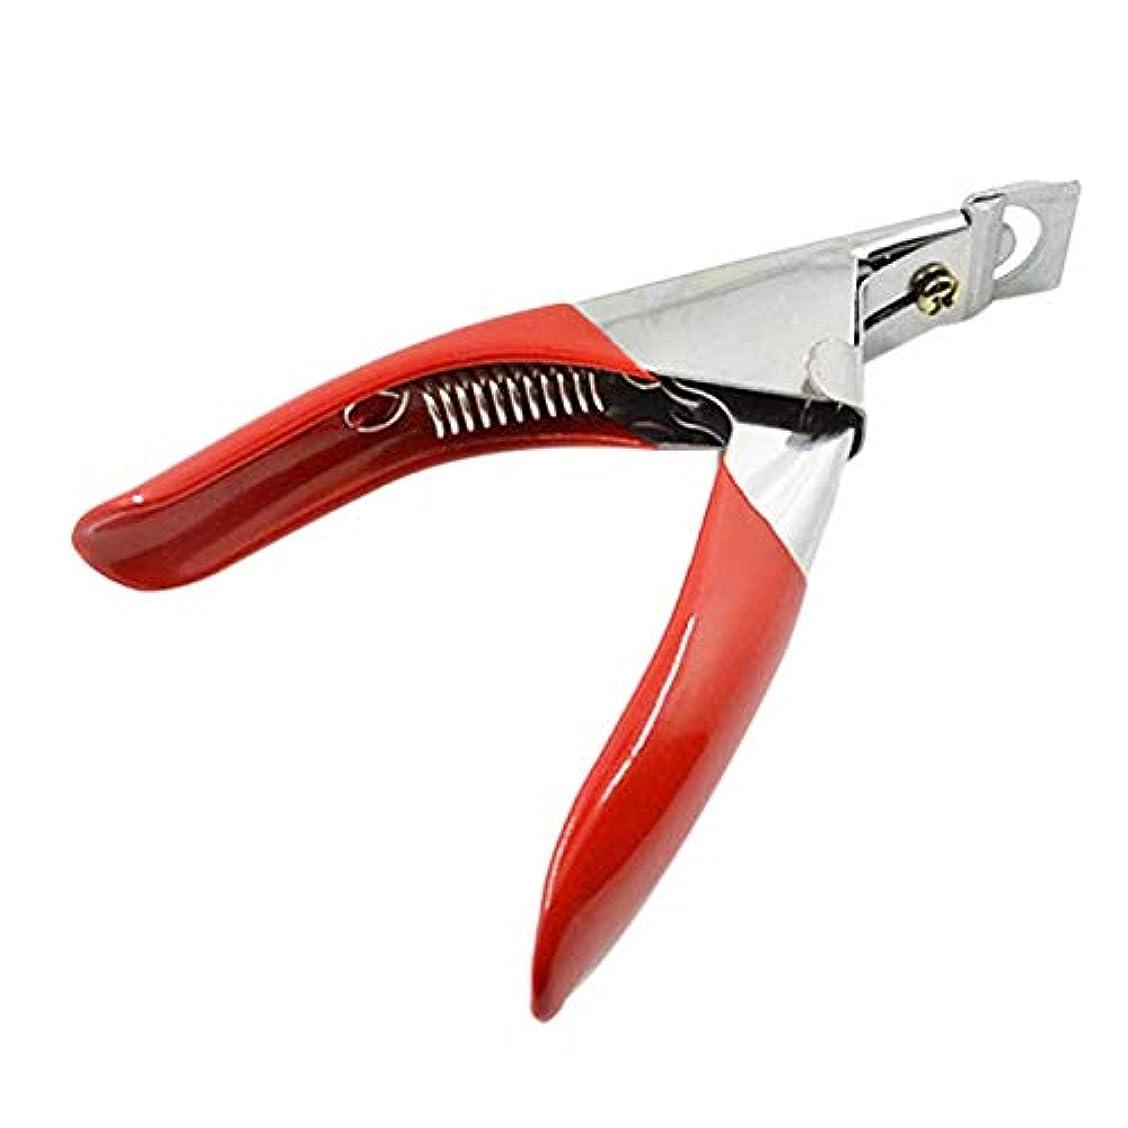 重要スキニー排泄するCUHAWUDBA マニキュア、ネイルのはさみ、カット、フランス語の言葉、偽爪のはさみ、カット用マニキュアのツール